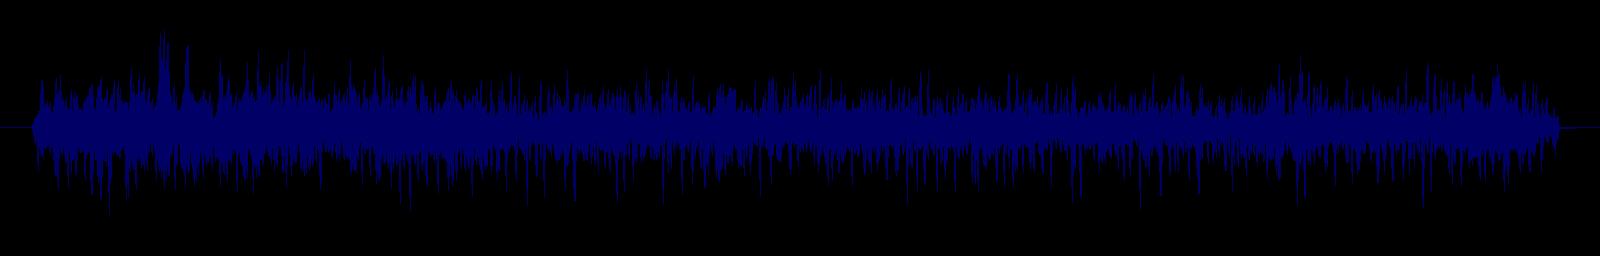 waveform of track #143927